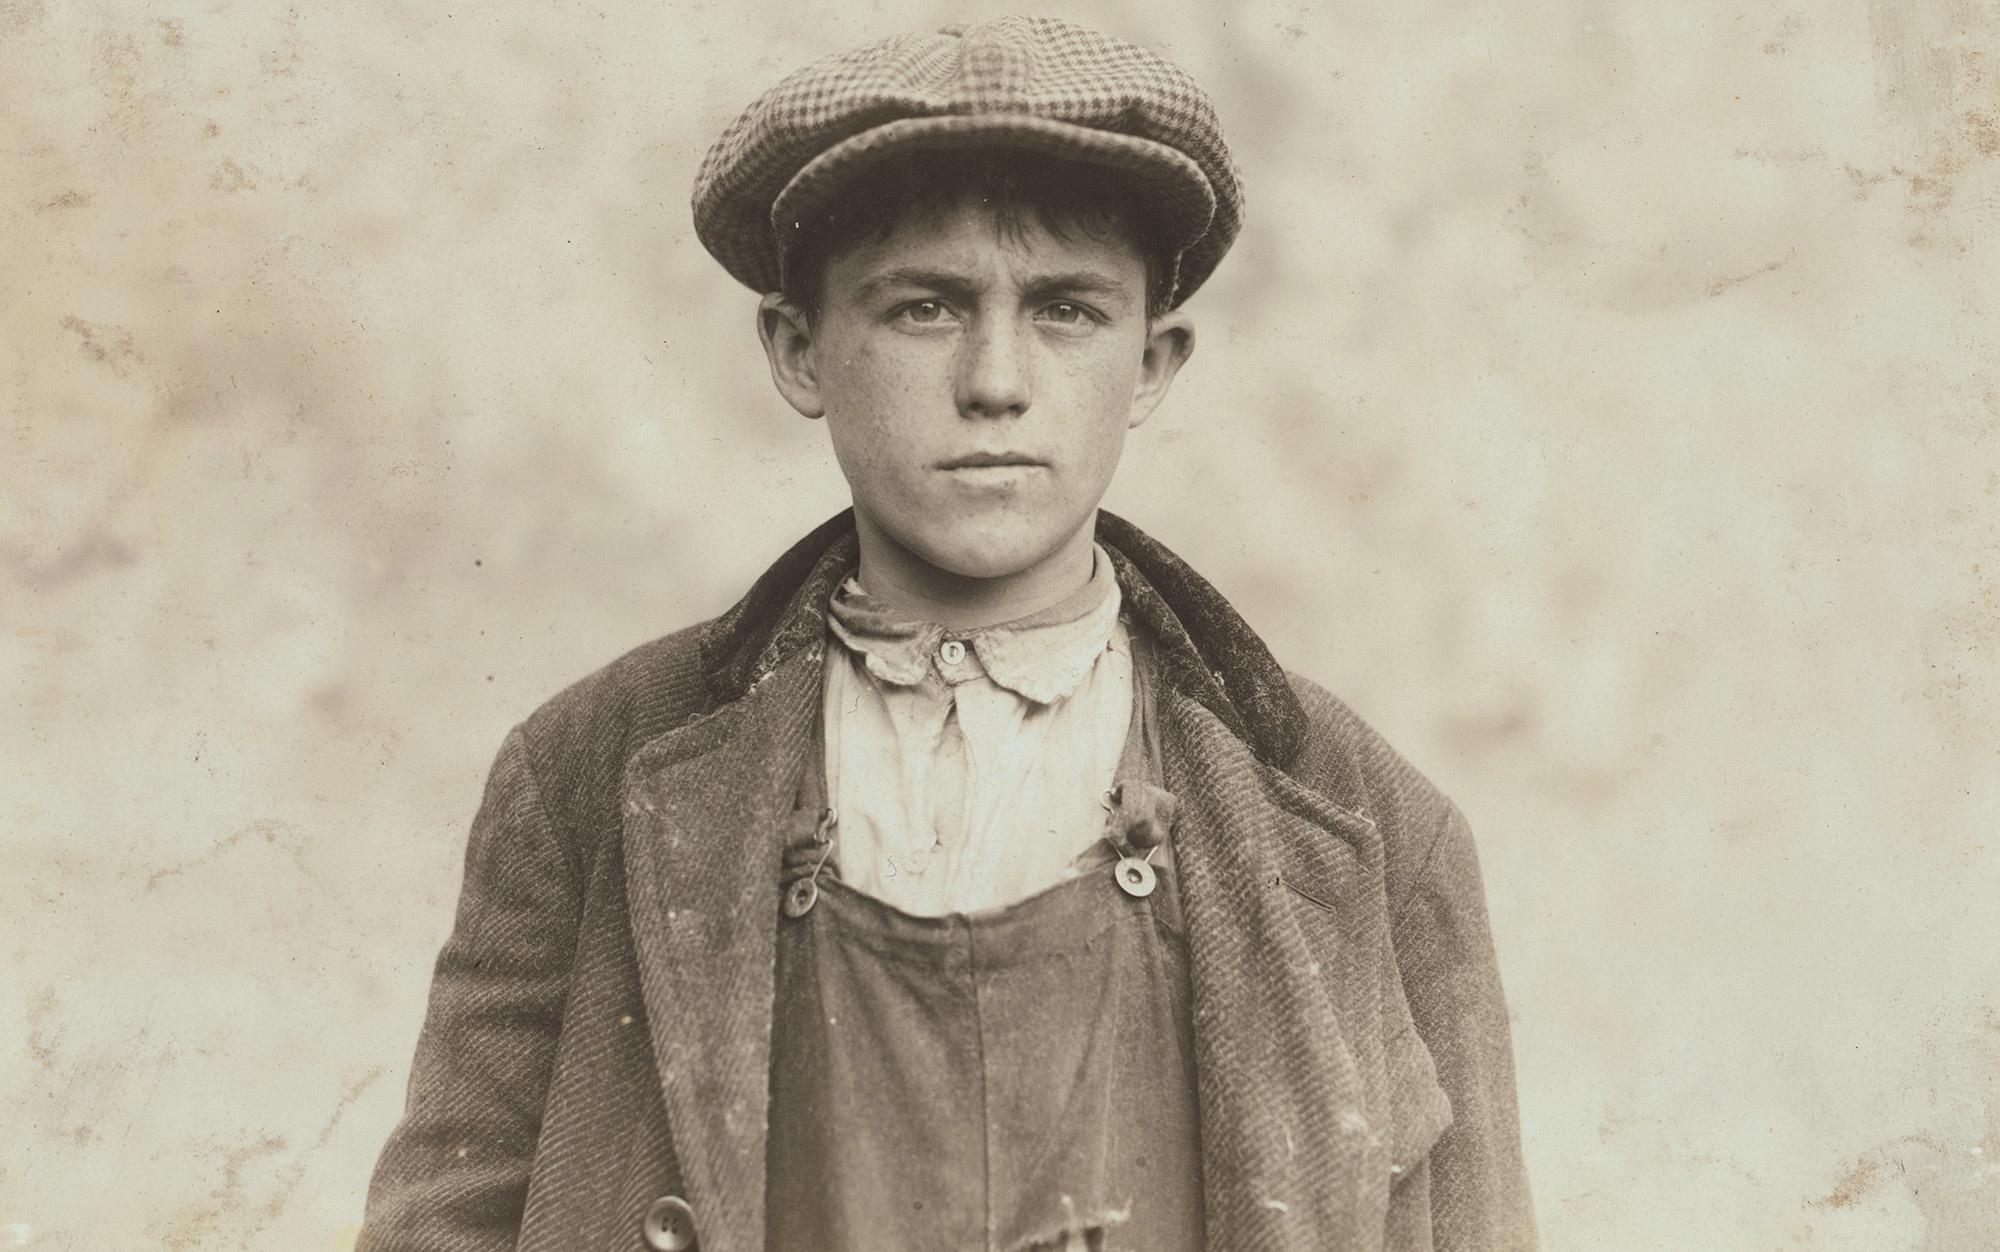 Джеймс Донован, уборщик на металлургическом заводе в Фолл-Ривер, Массачусетс, США, 1916 г.